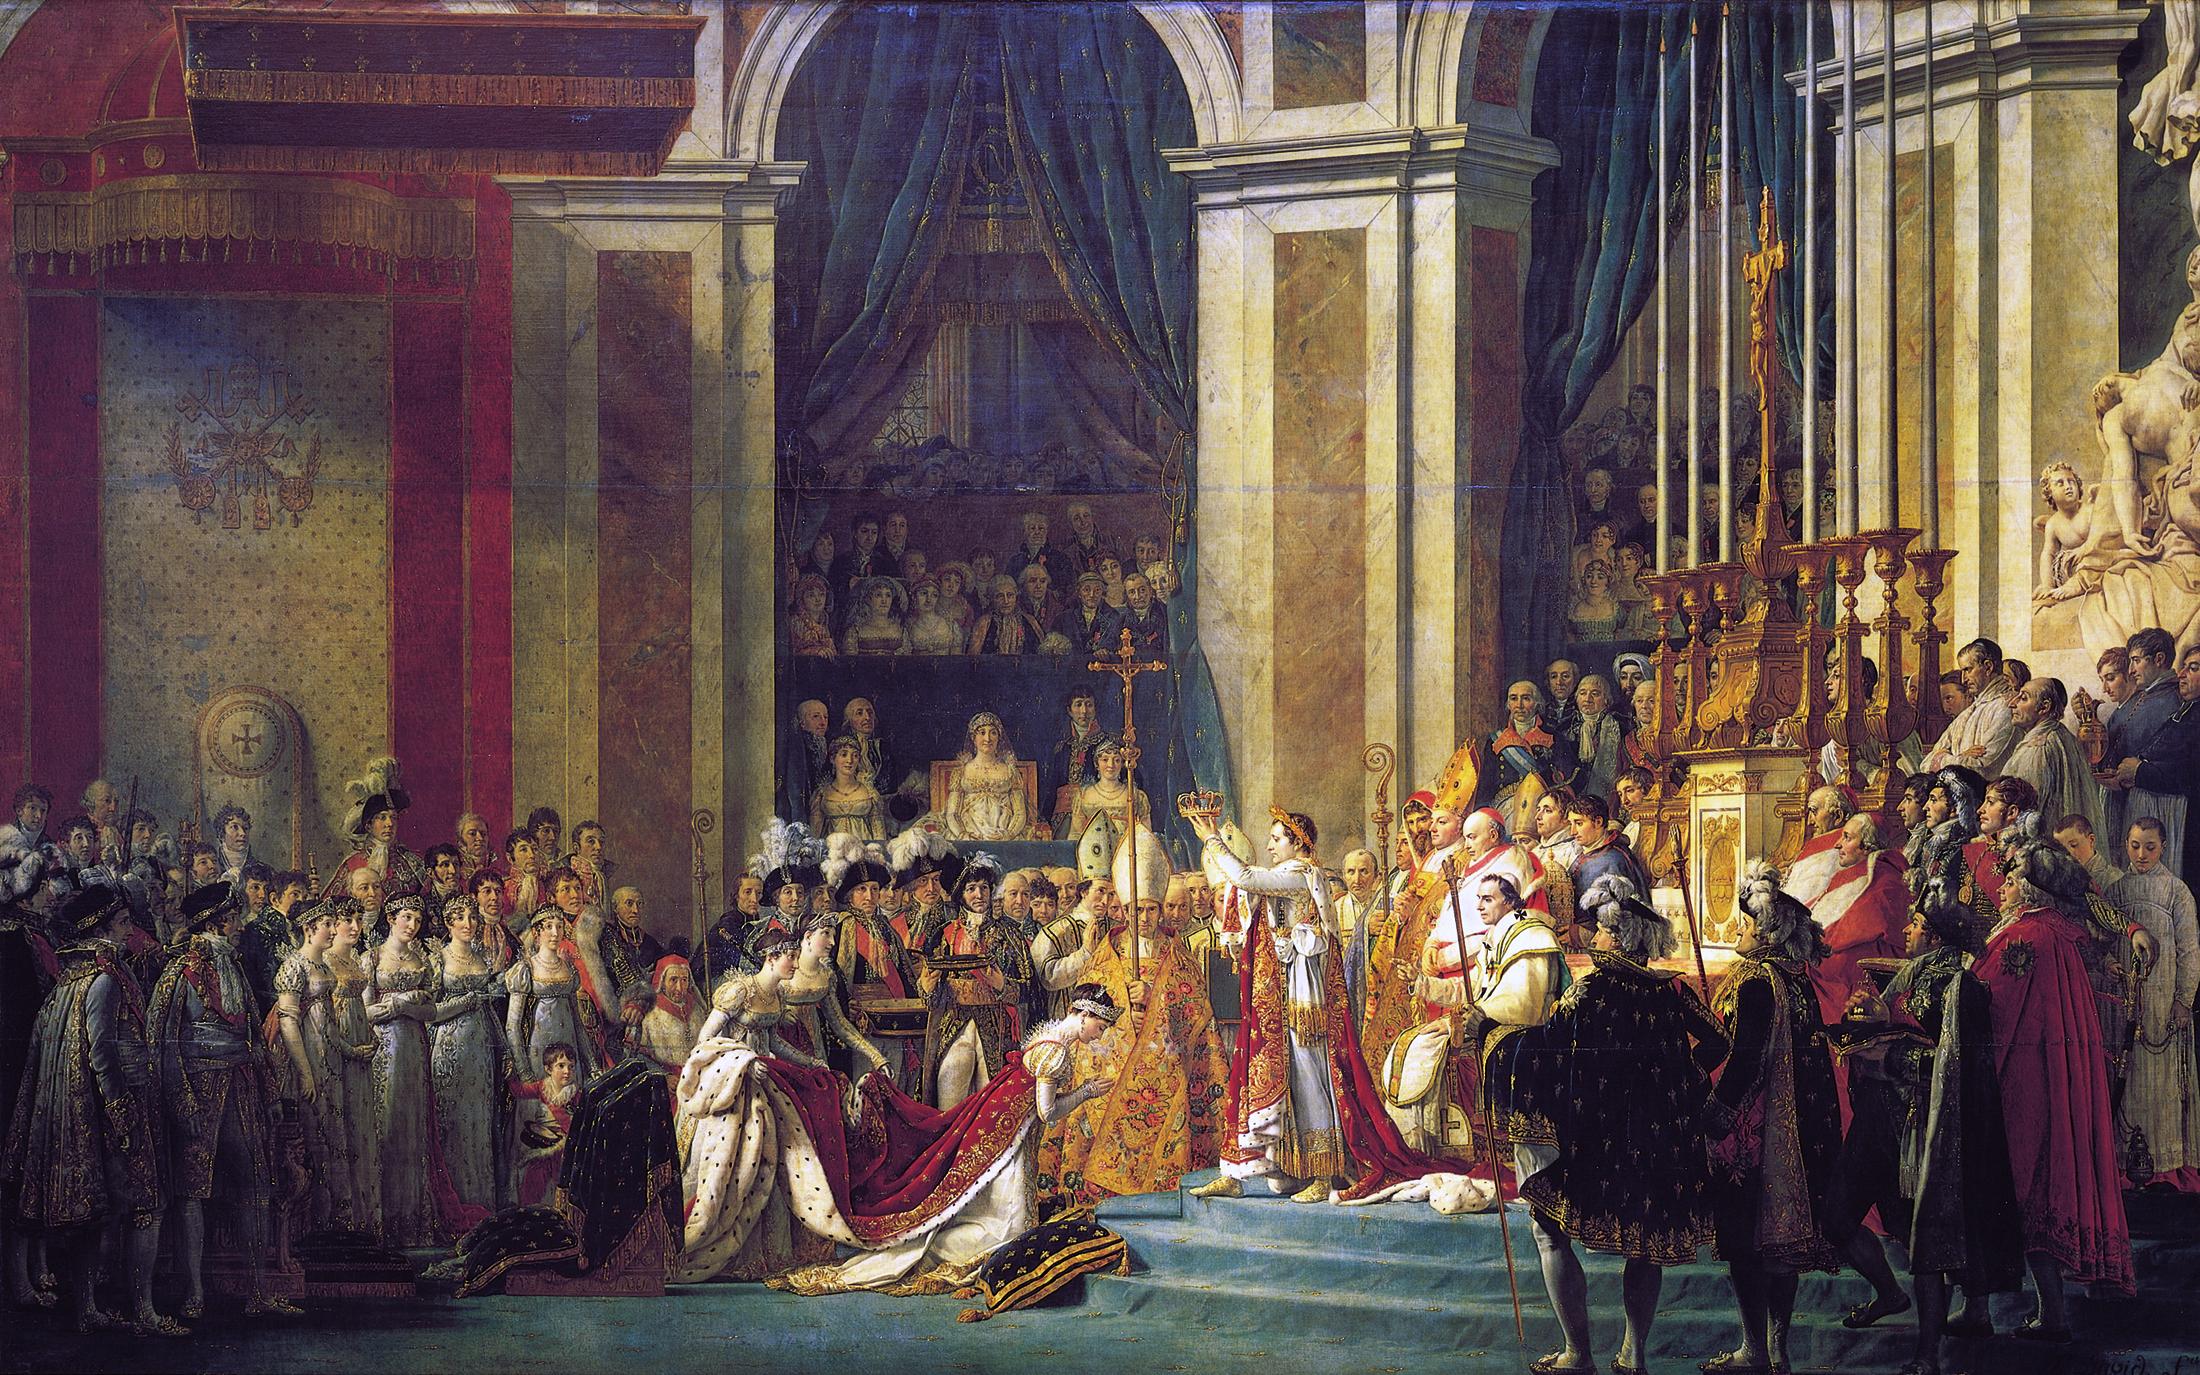 Le Sacre de Napoléon, de Jacques-Louis David – Cette scène montre le moment où Napoléon prend des mains de Pie VII la couronne impériale pour en coiffer sa femme l'impératrice Joséphine.